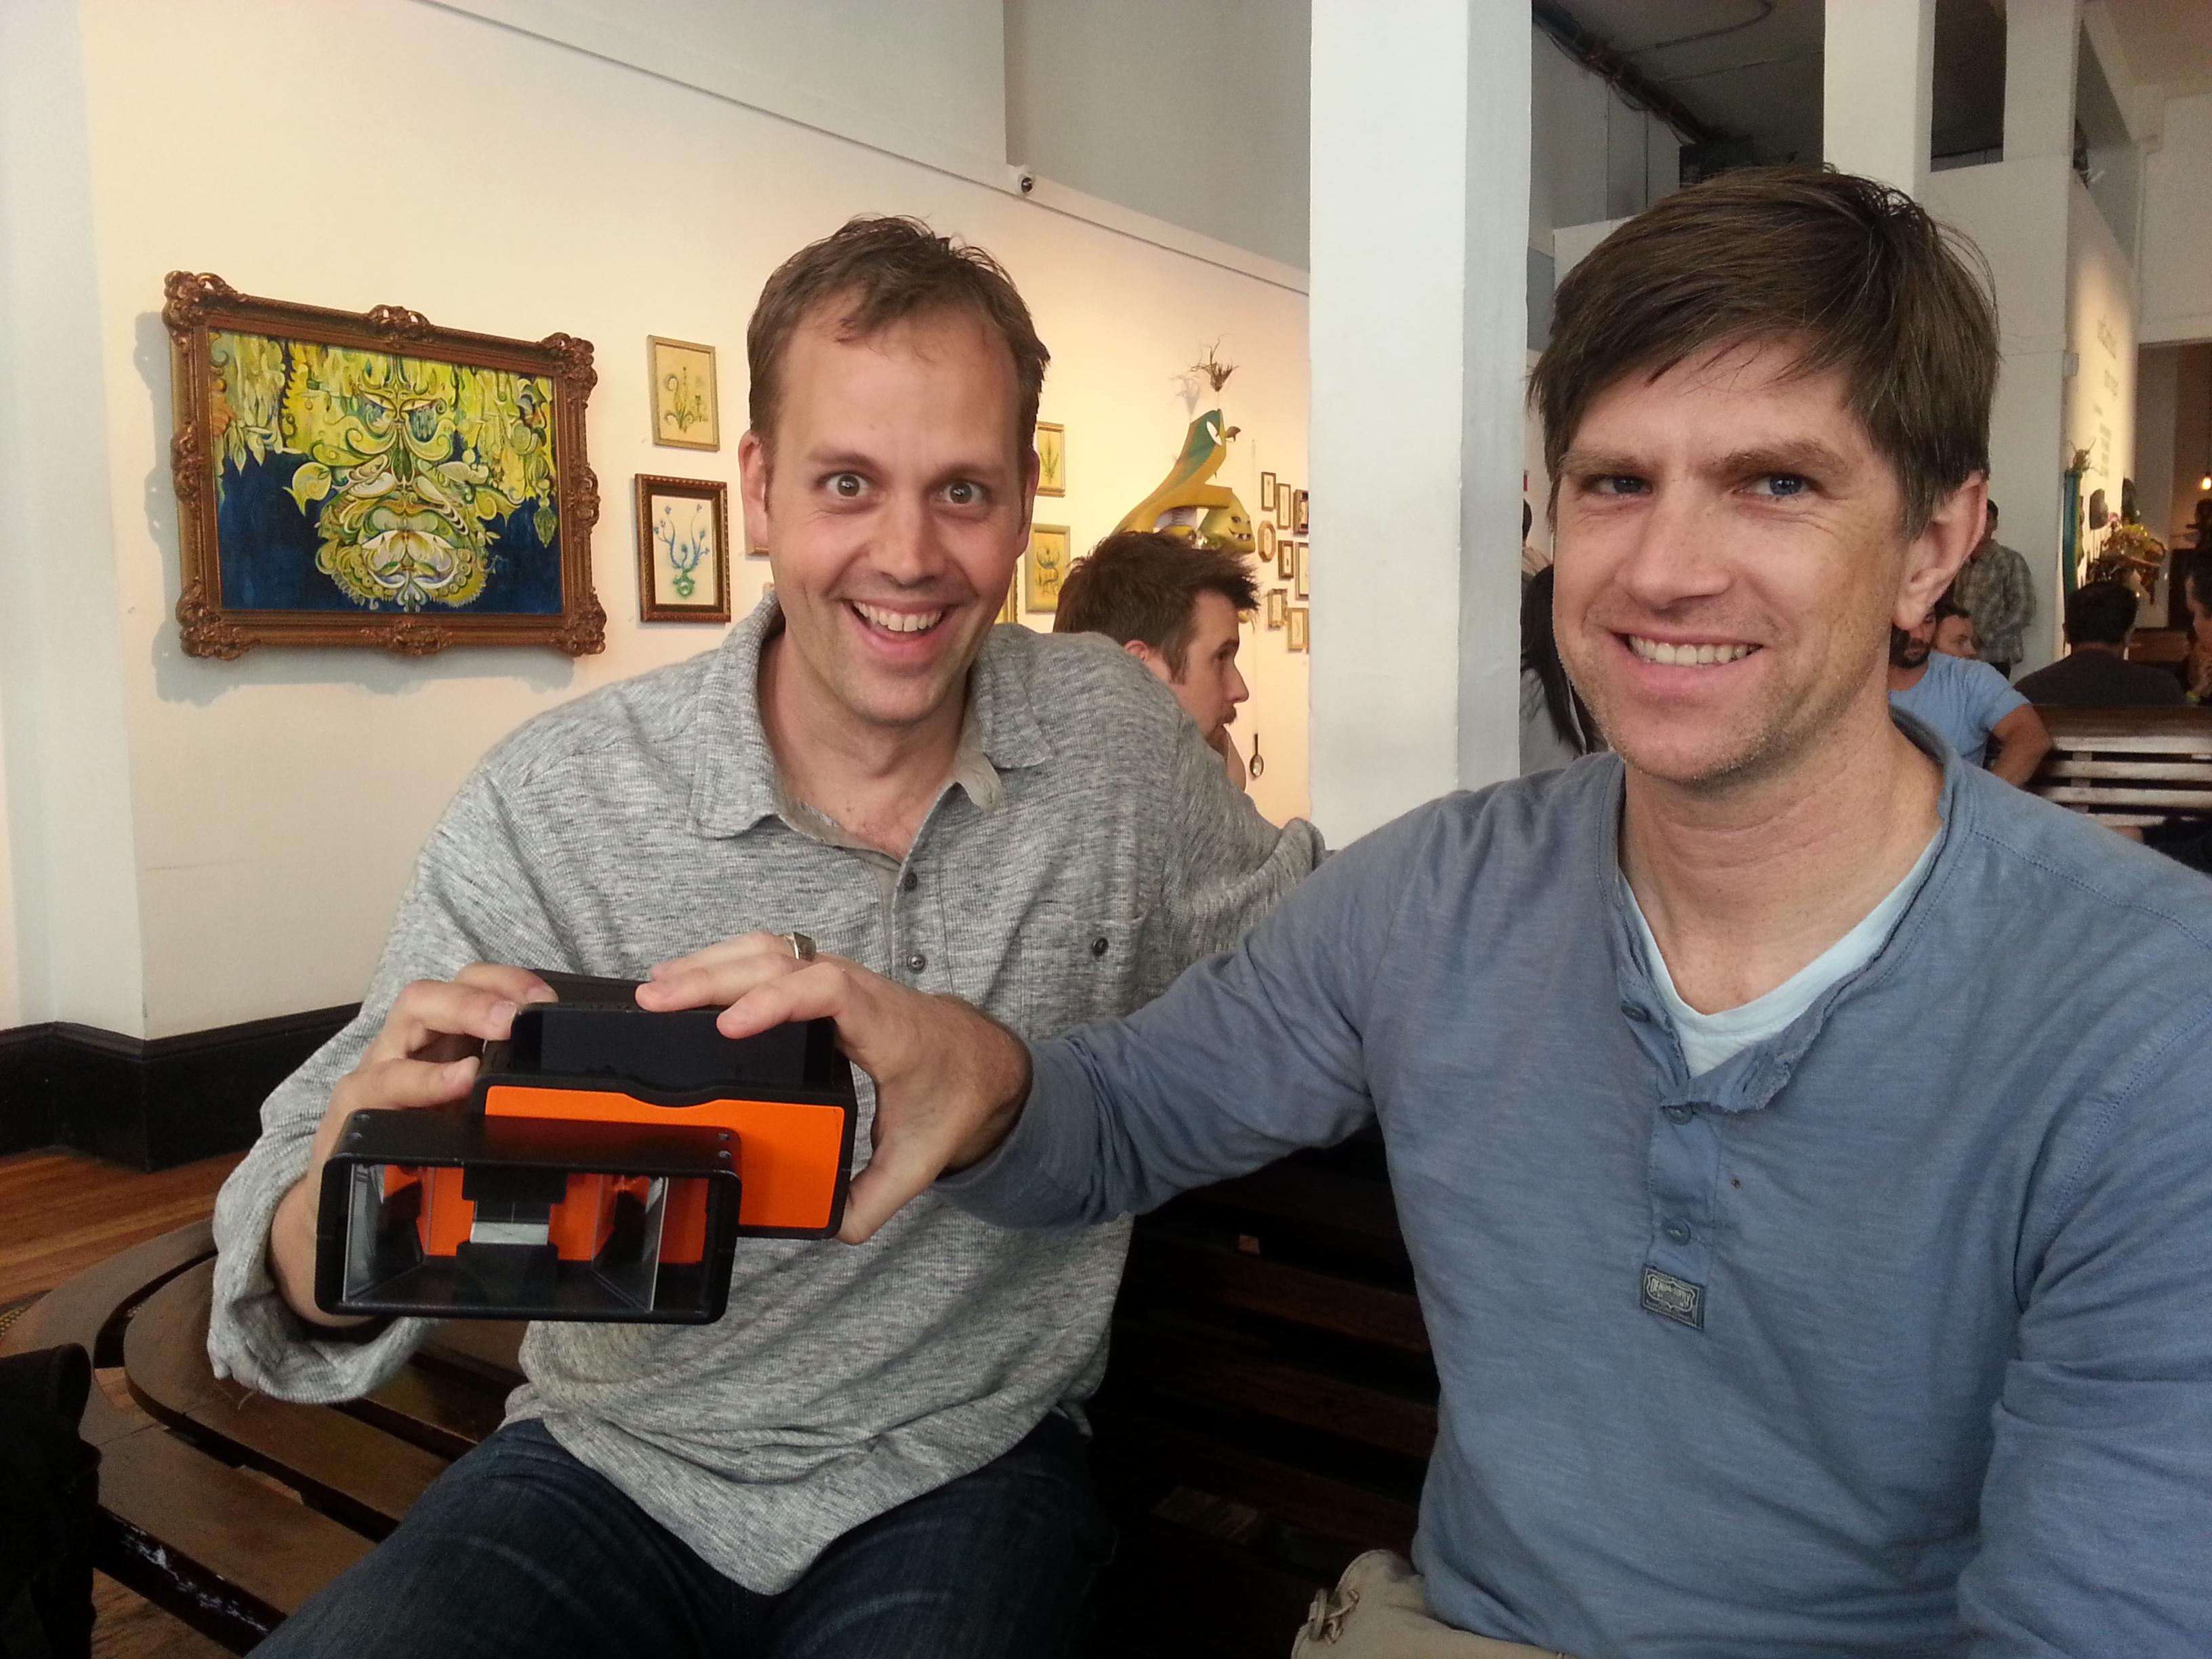 Poppy founders Joe Heitzeberg and Ethan Lowry with a Poppy device.